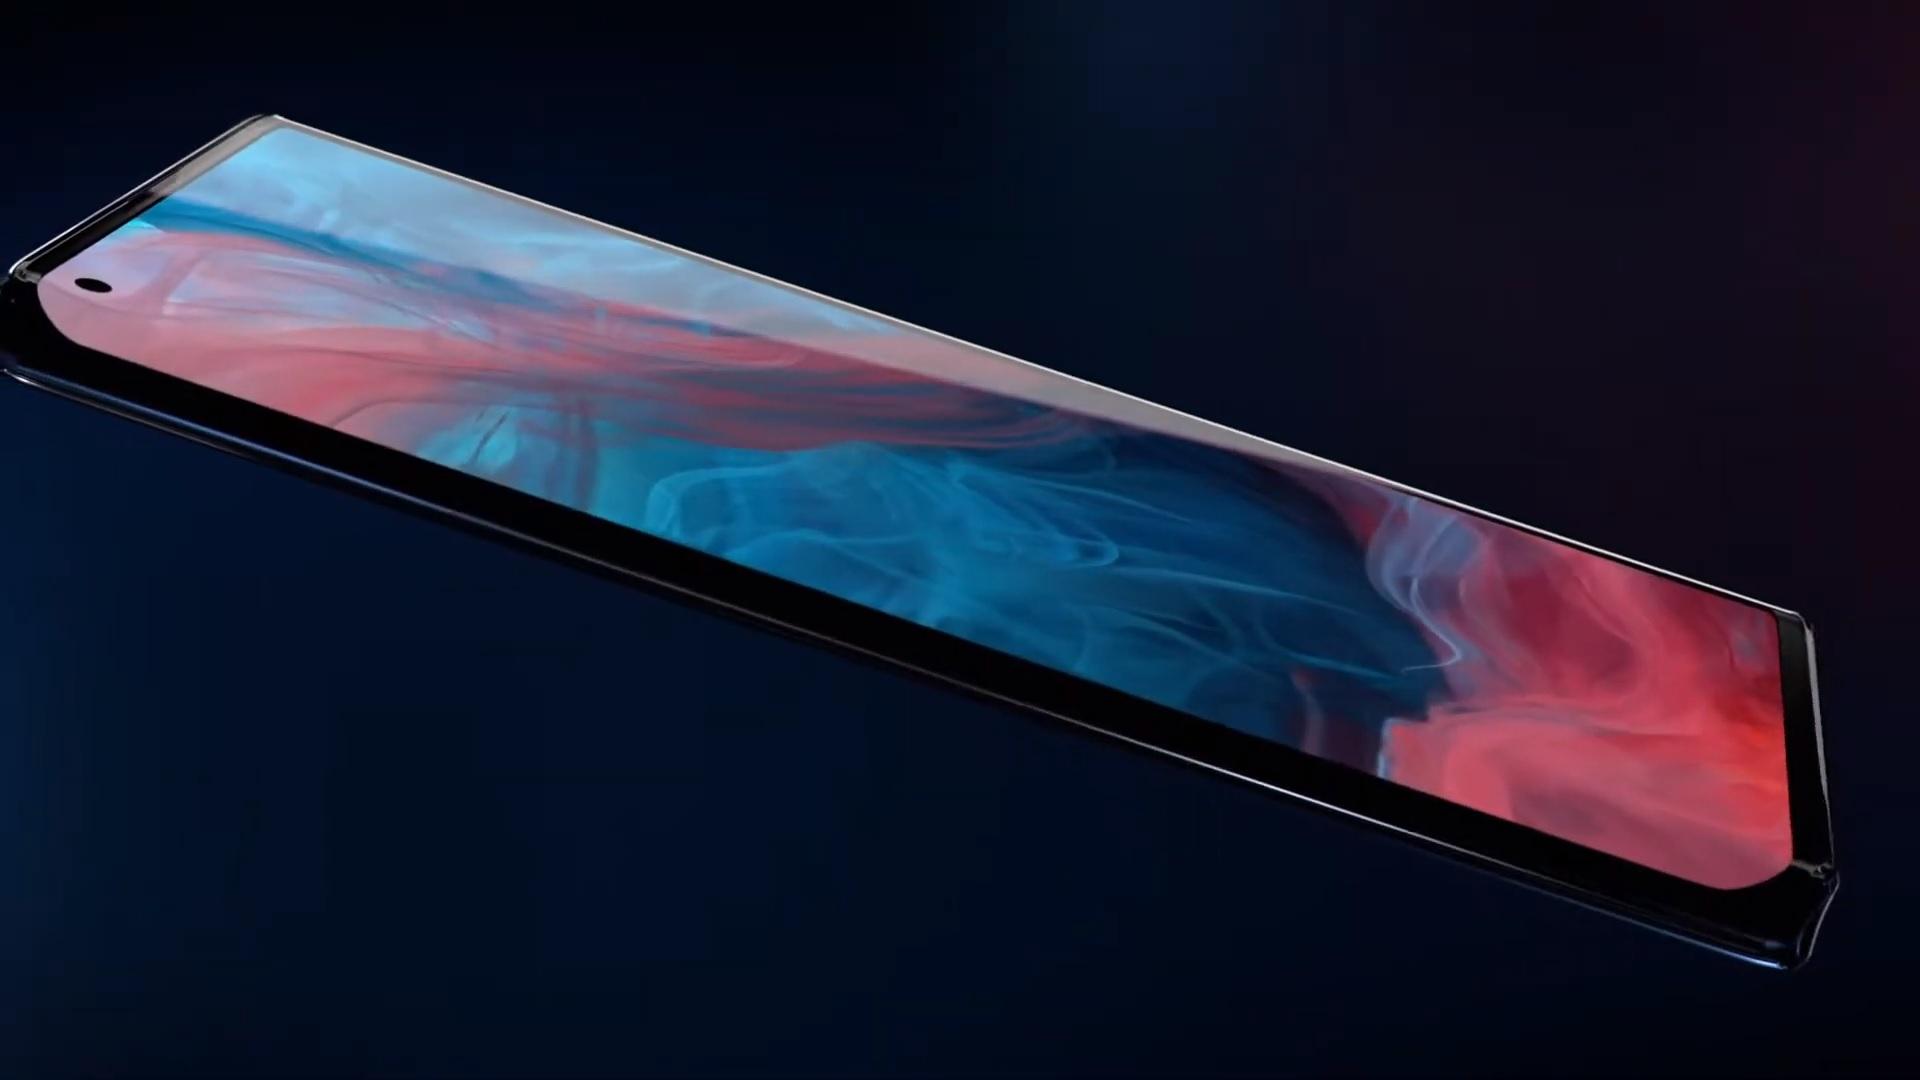 Motorola Edge Plus screen display